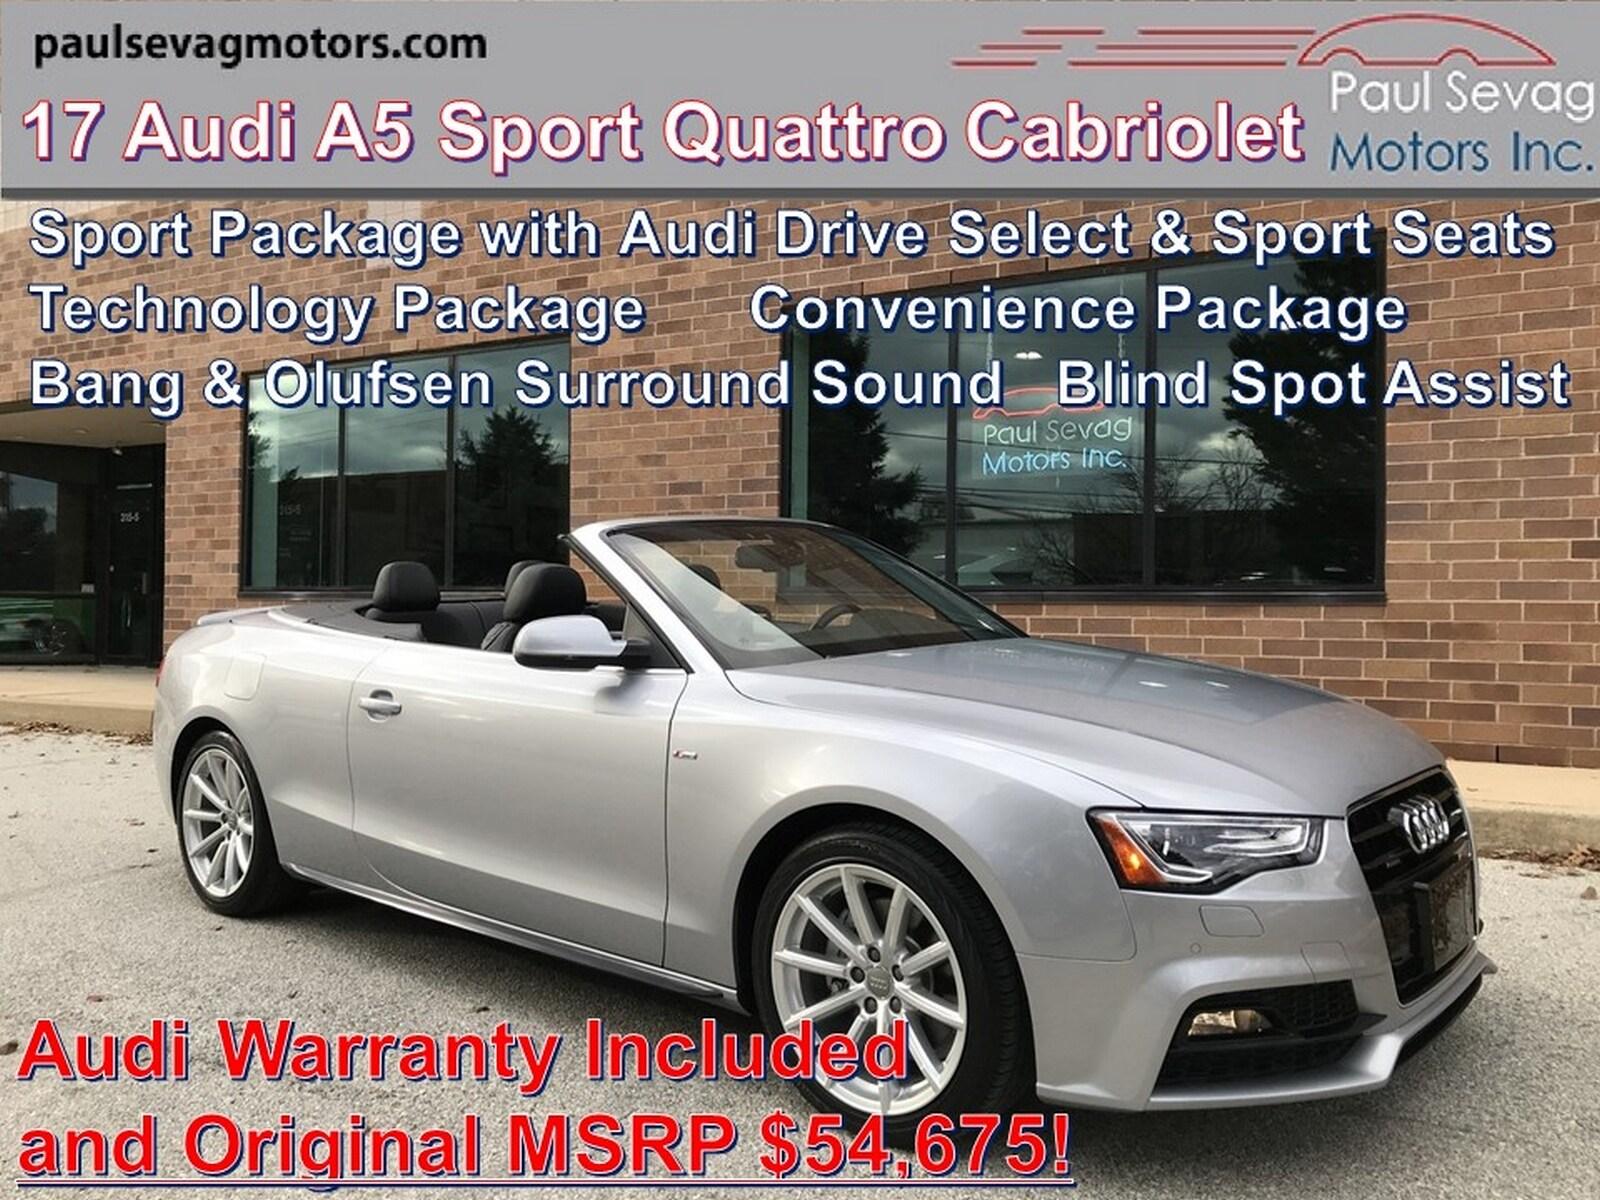 2017 Audi A5 Sport 2.0T Quattro Cabriolet Sport Pkg/Technology Pkg/Convenience Pkg